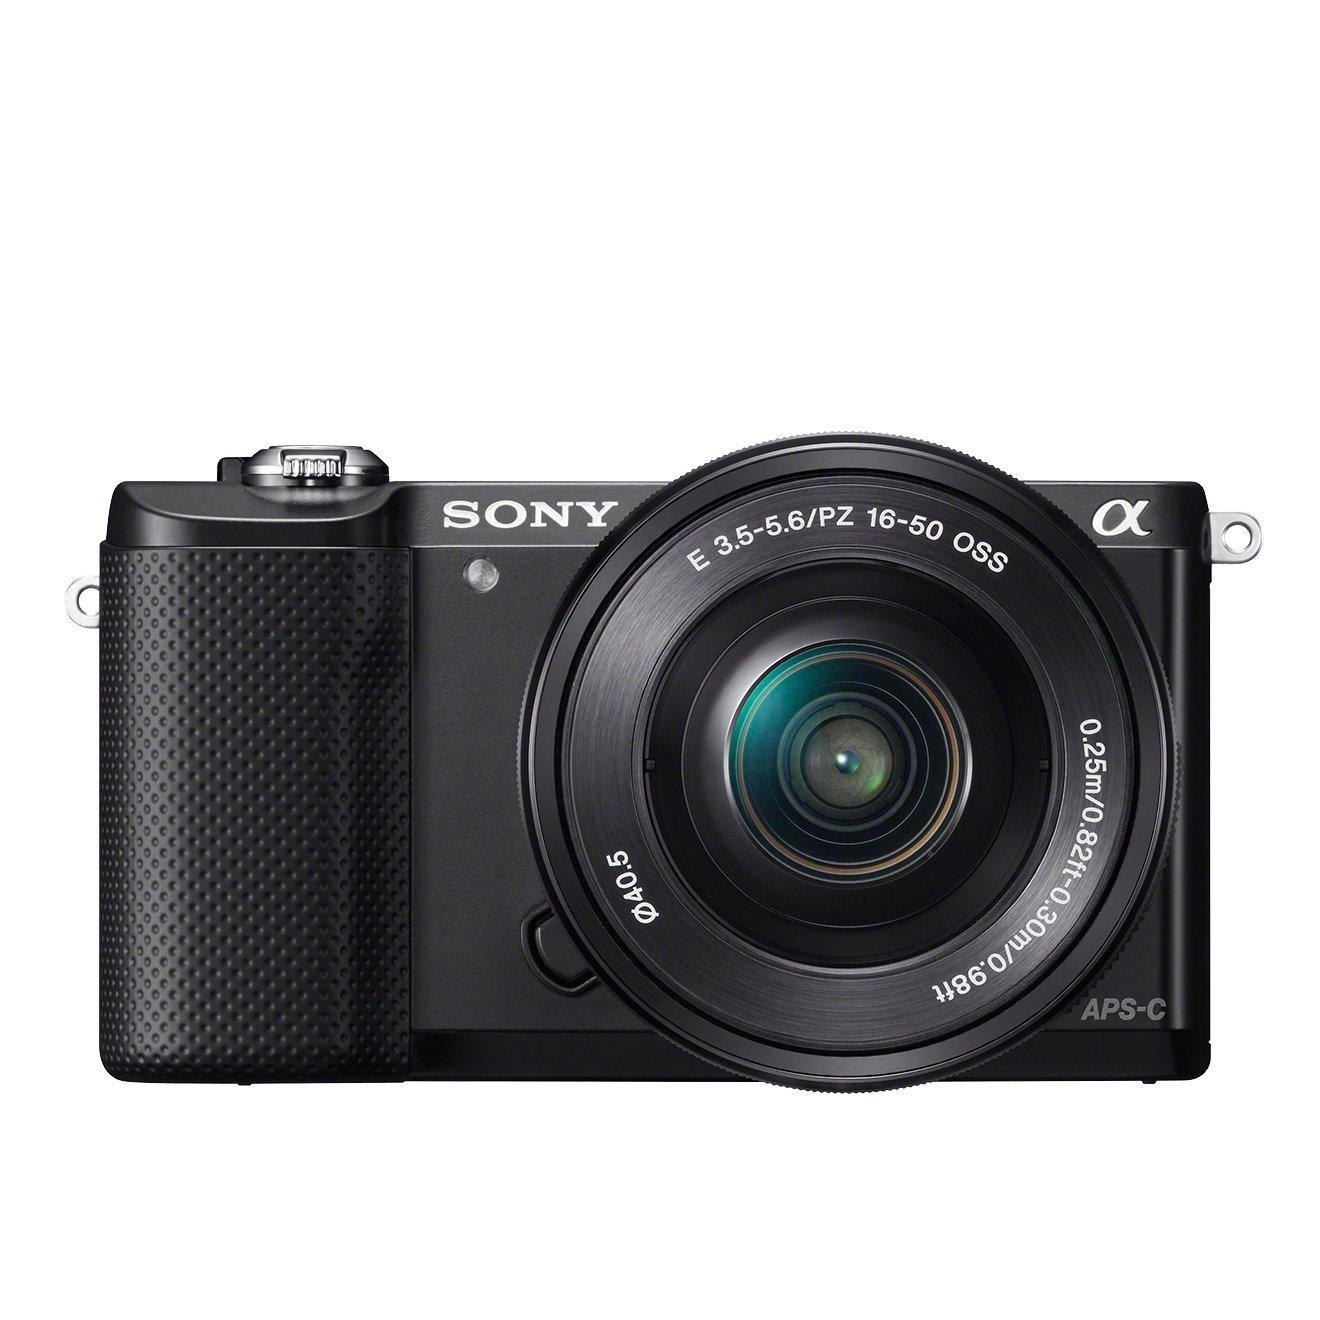 Sony Alpha 5000L Fotocamera Digitale Compatta con Obiettivo Intercambiabile, Sensore APS-C, CMOS Exmor HD, 20,1 MP, Obiettivo da 16-50 mm Incluso, Nero product image